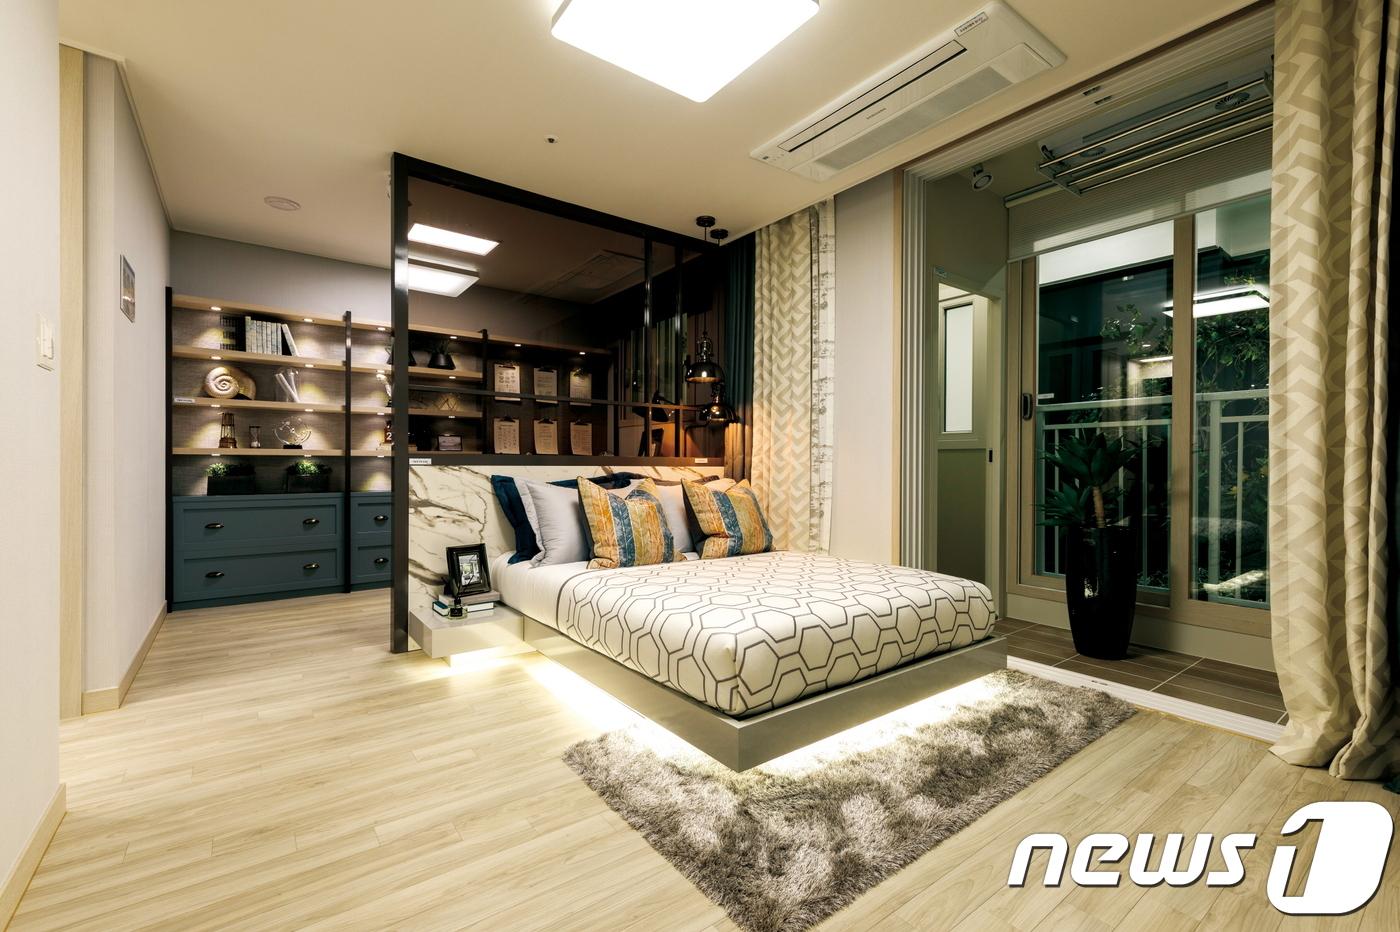 전용면적 59㎡ 안방. 알파공간을 만들어 서재나 드레스룸 등 맞춤형 공간으로 변경이 가능하다. © News1